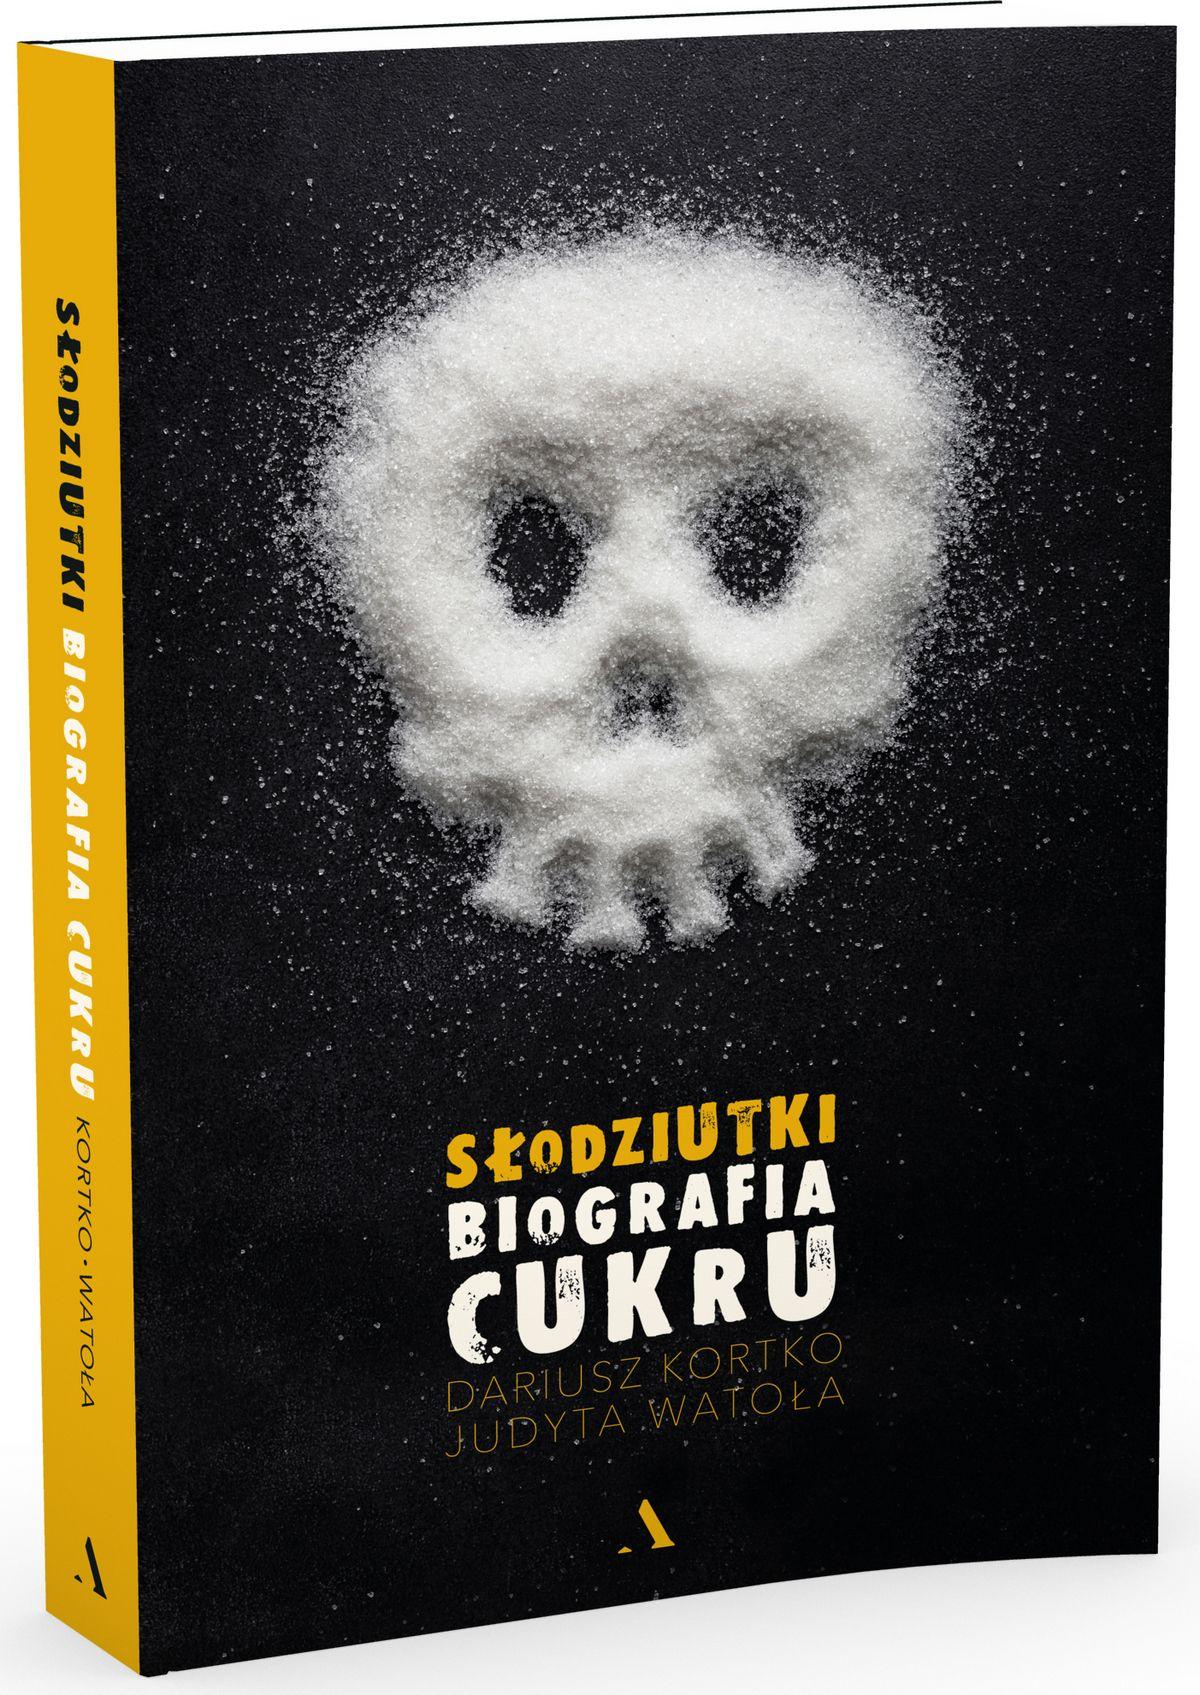 """Kup książkę Dariusz Kortko i Judyty Watoły pt. """"Słodziutki. Biografia cukru"""" z rabatem na merlin.pl"""